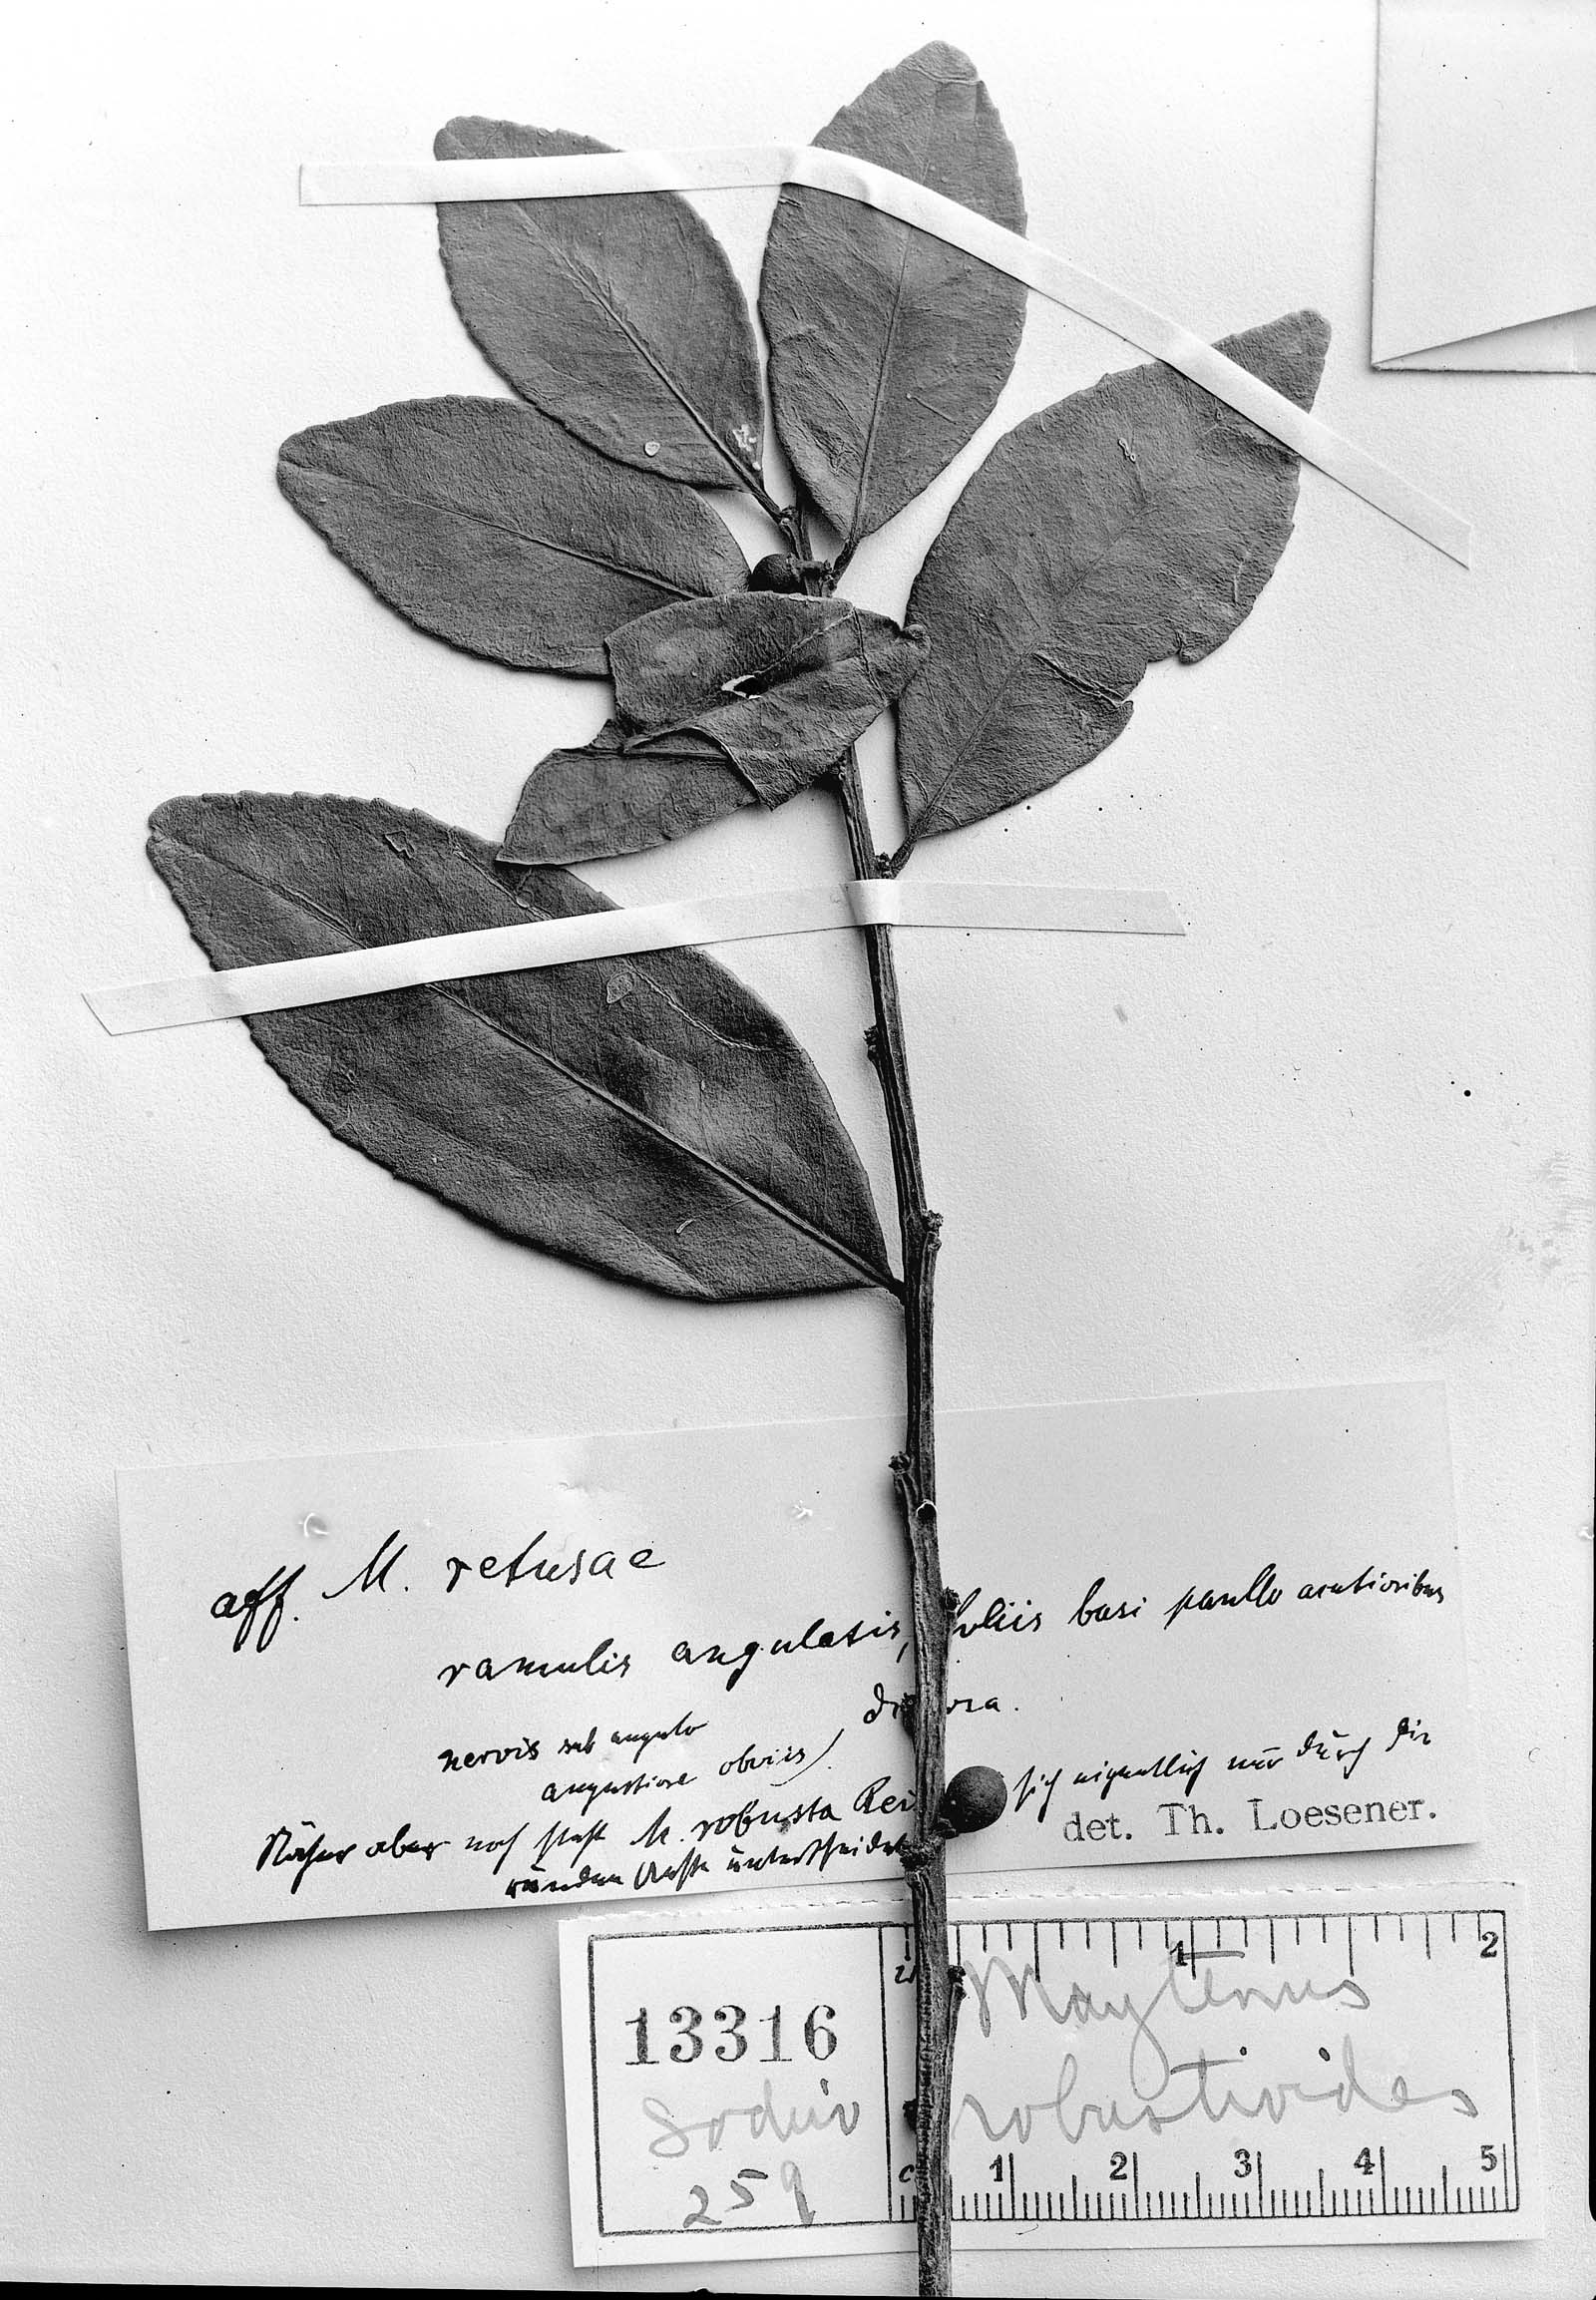 Maytenus robustoides image